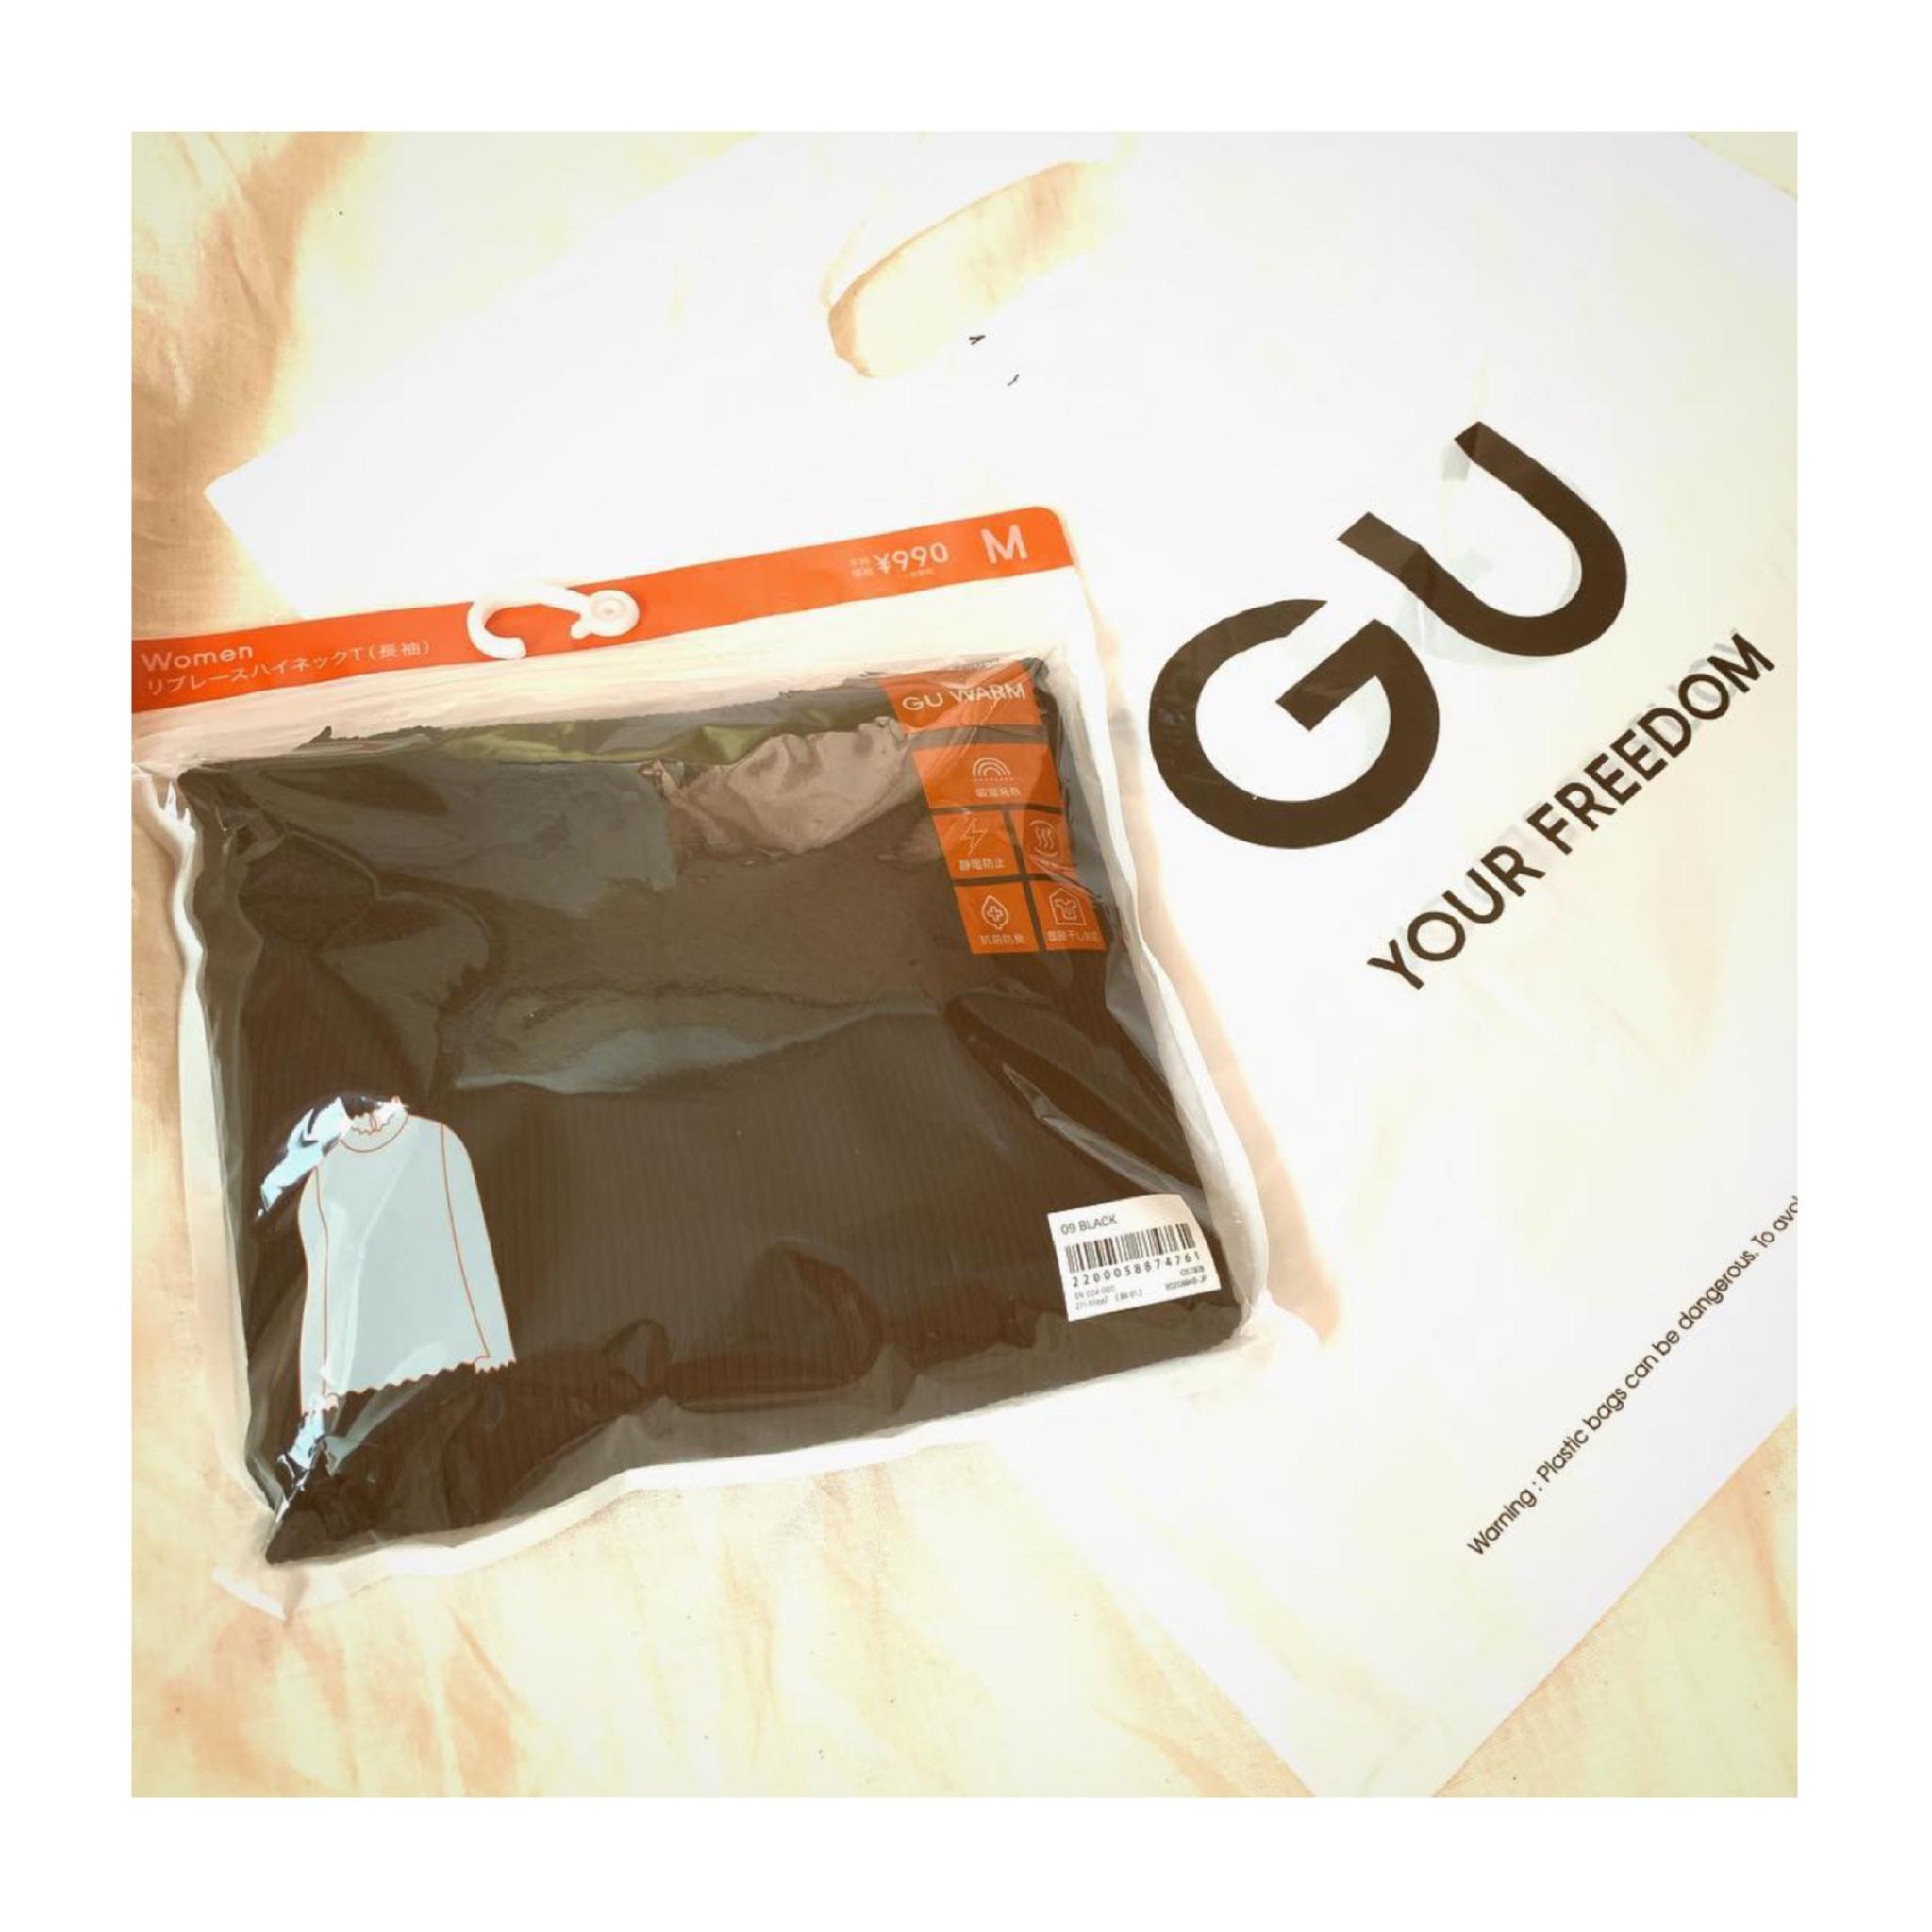 《オンラインストアで即完売⁈❤️》今年マストバイの【GU】ウォーム☺︎リブレースハイネックTがかわいすぎる!_1